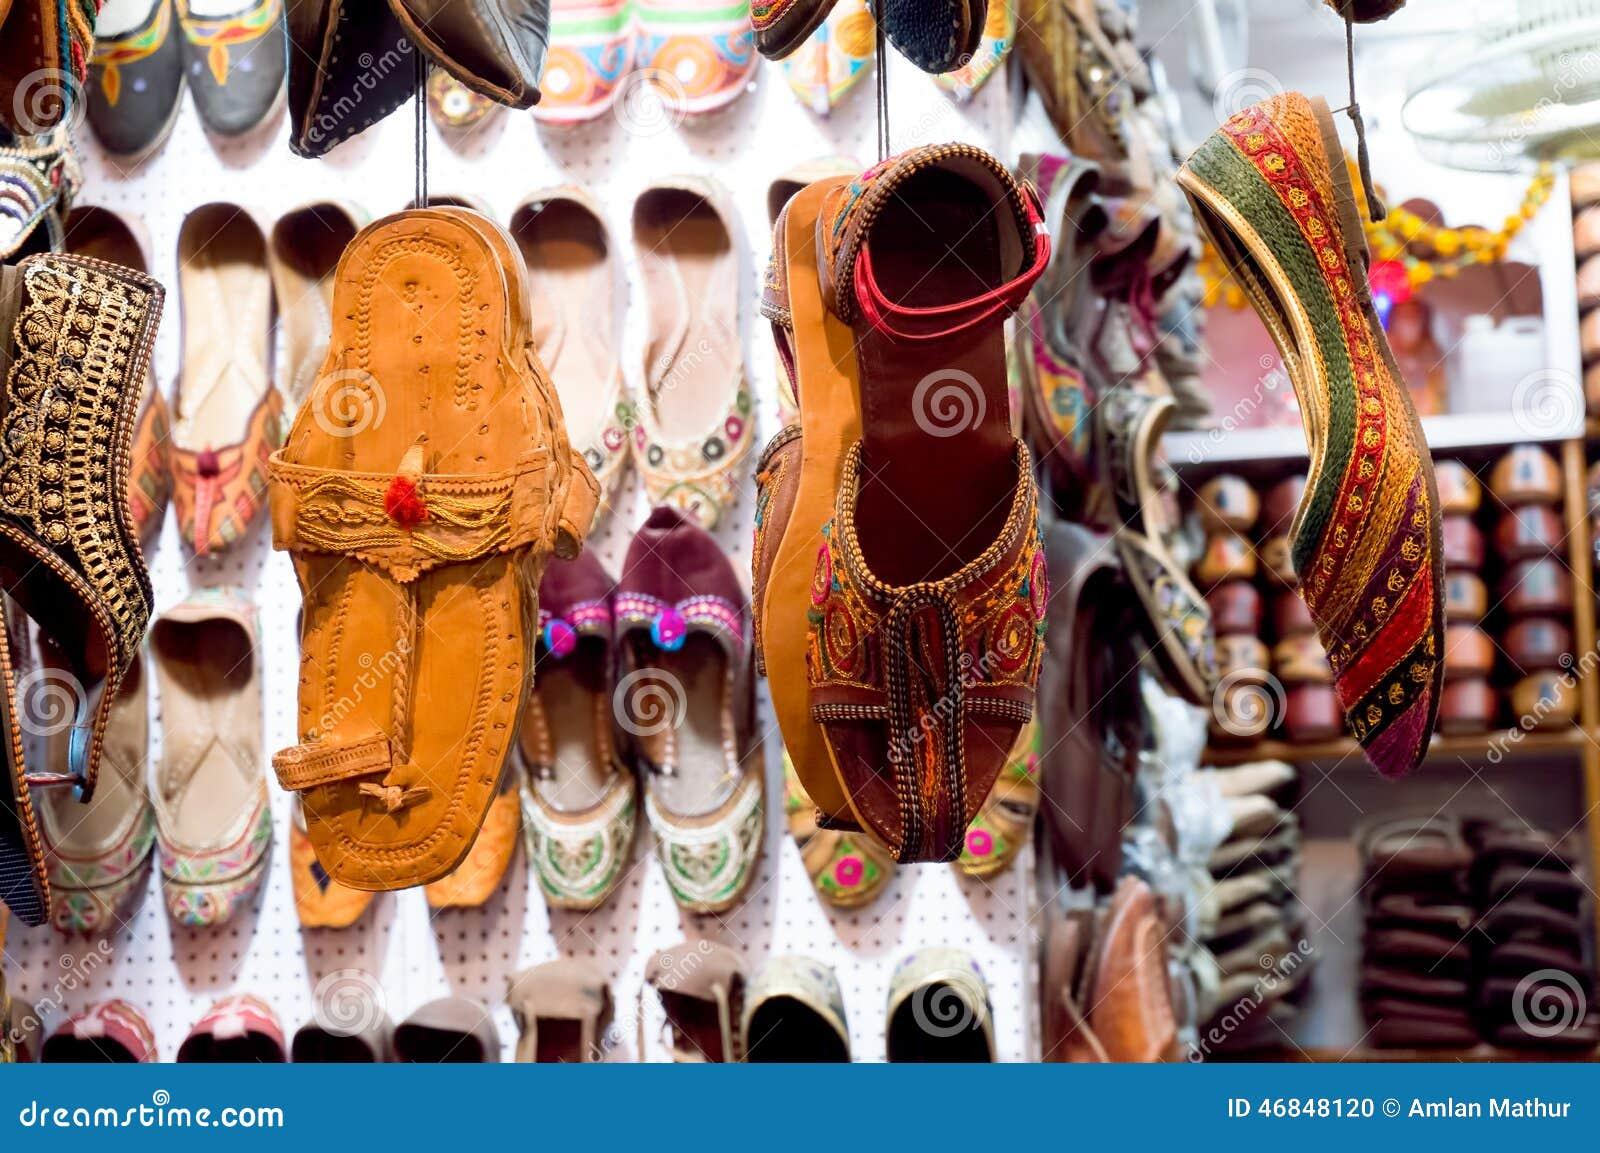 traditionelle mojari schuhe von mannigfaltigen designen stockfoto bild 46848120. Black Bedroom Furniture Sets. Home Design Ideas